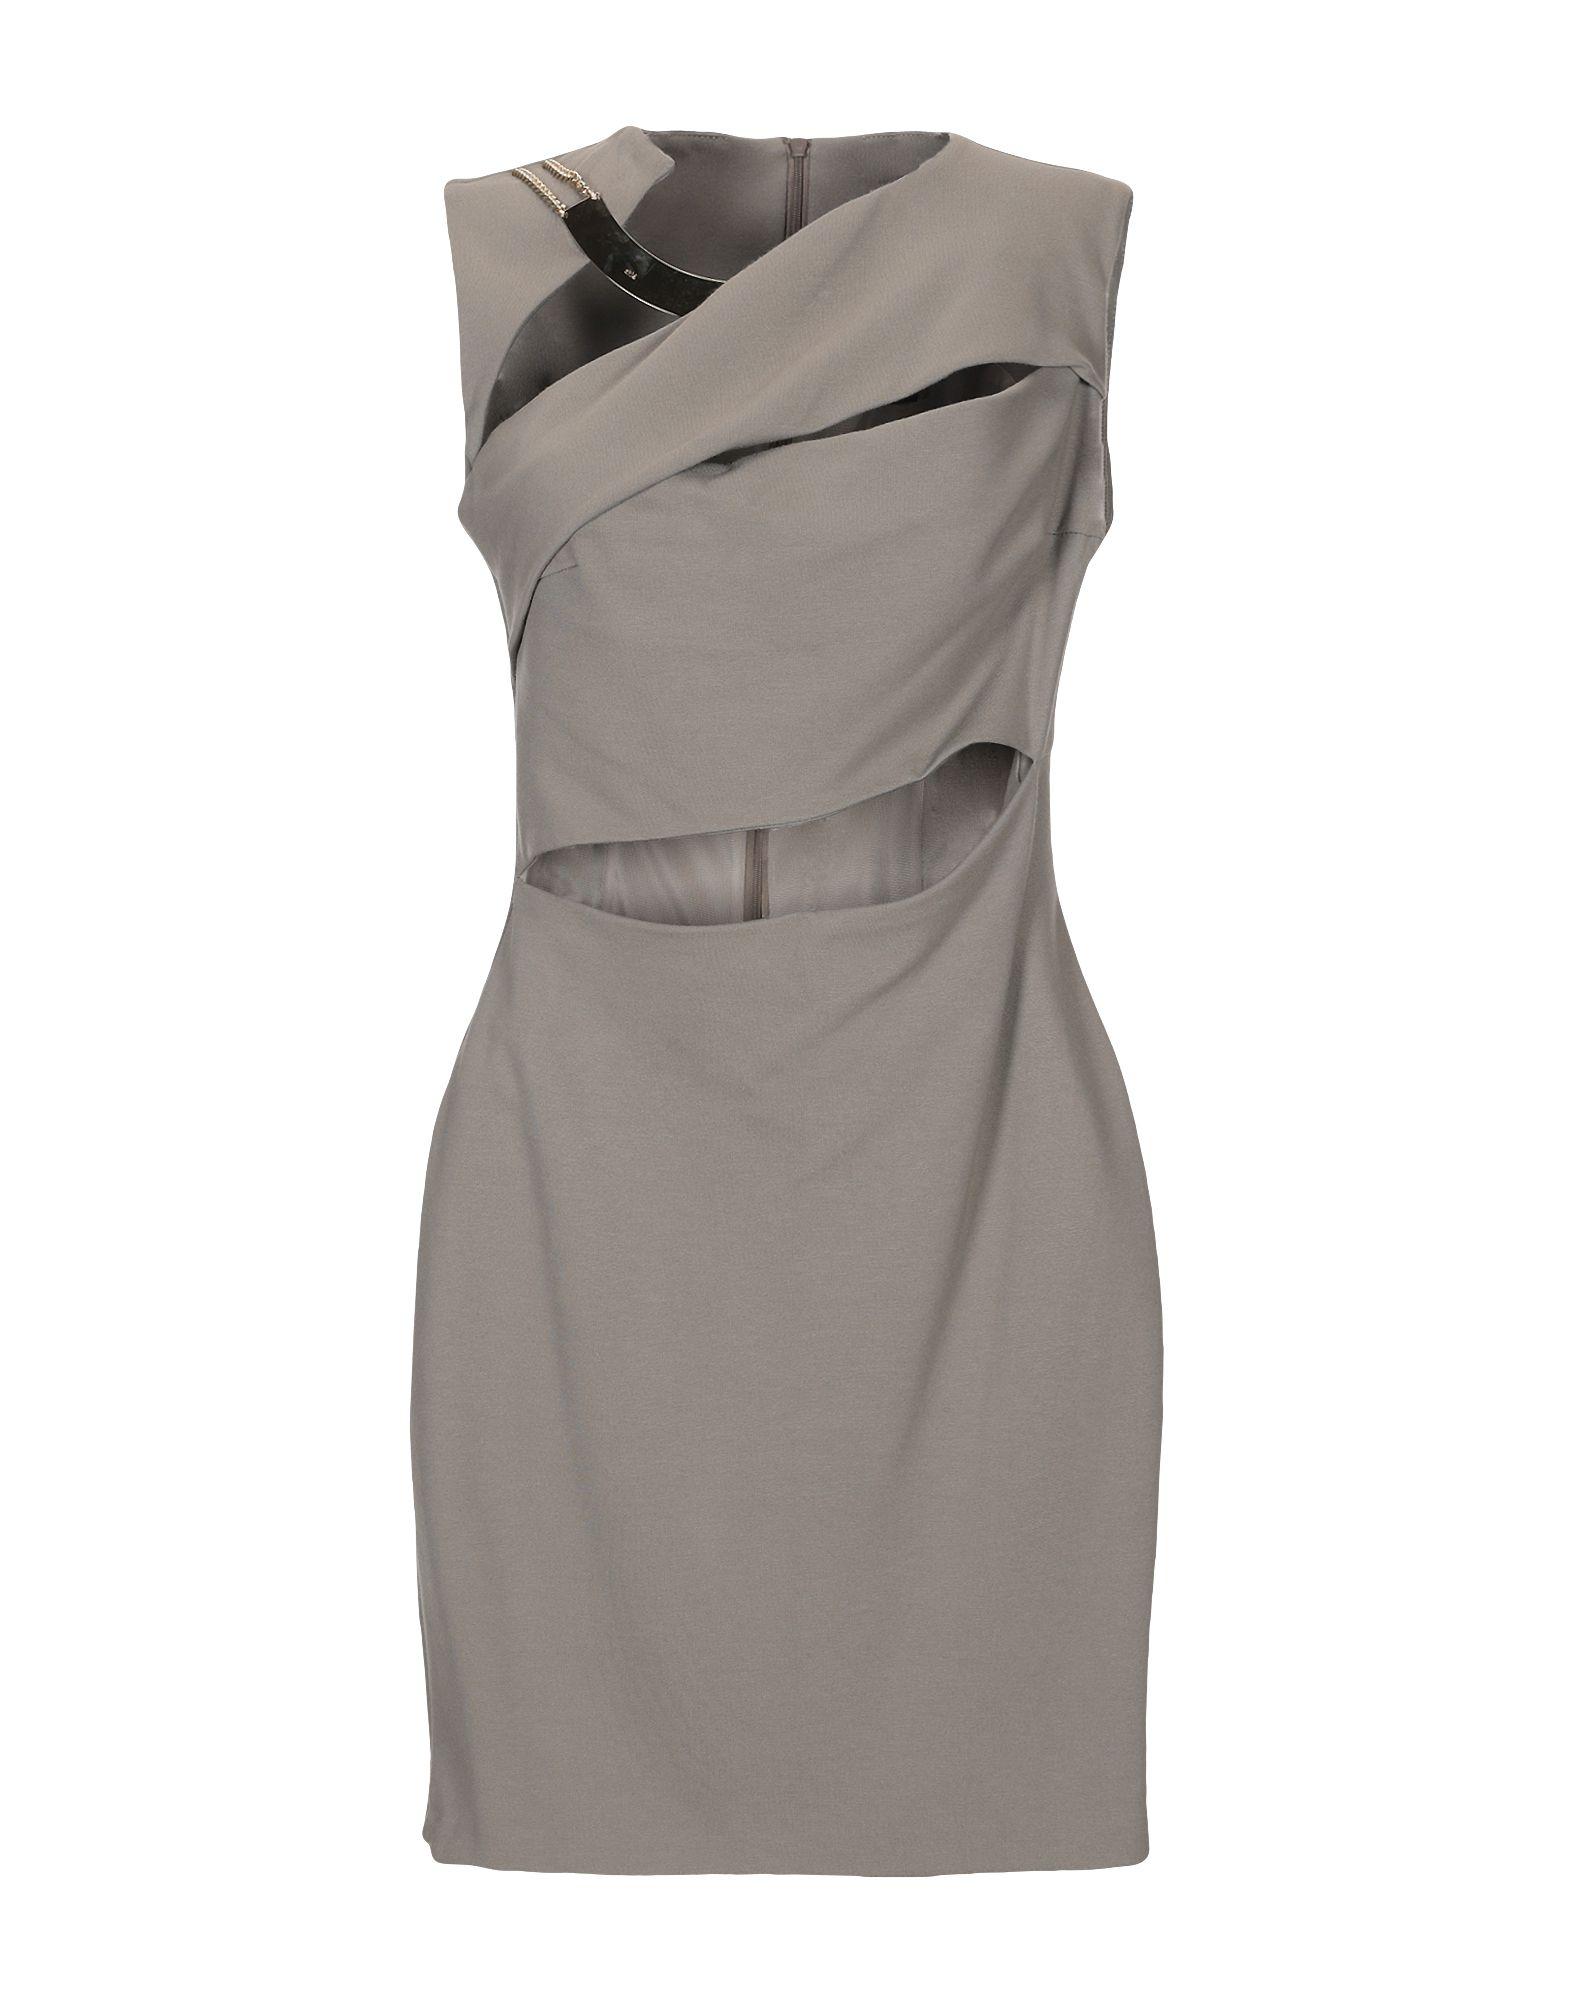 c43fc379f5595 SHI 4 Короткое платье